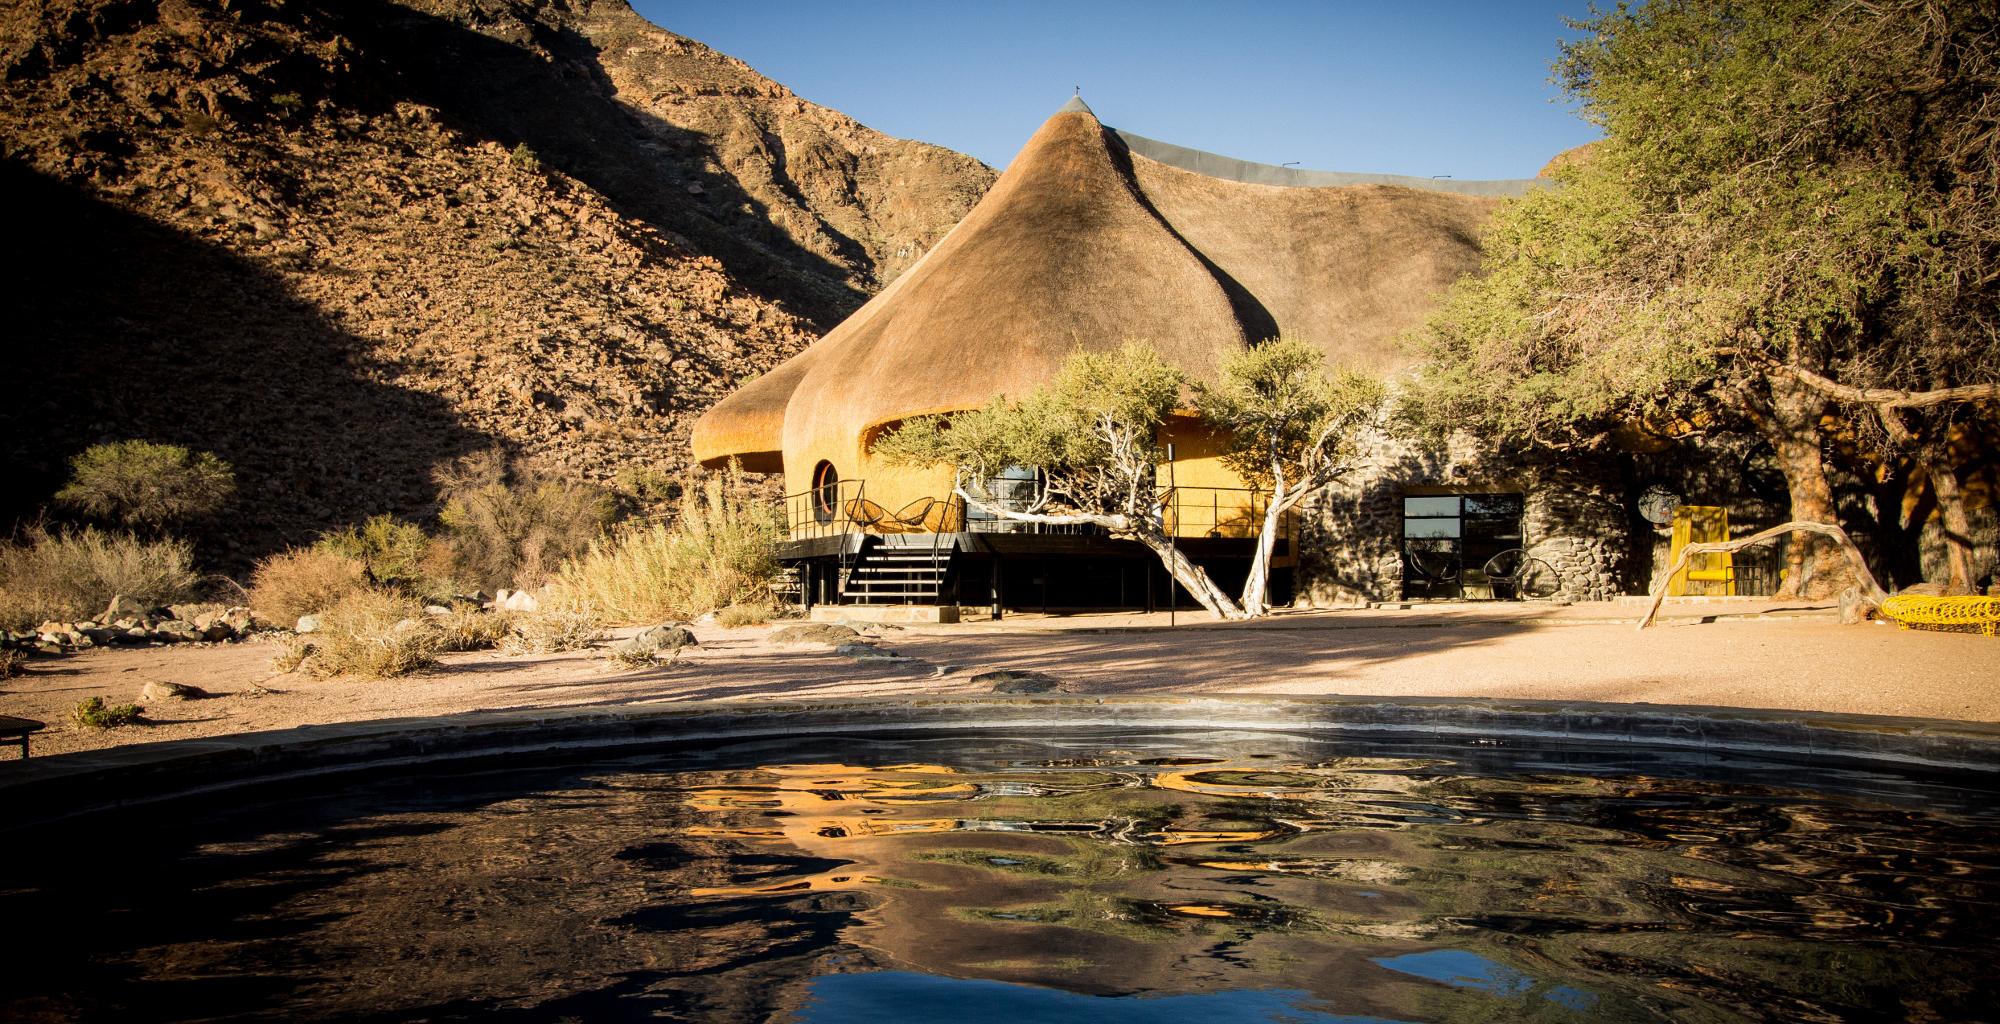 Namibia-Sossusvlei-Nest-Exterior